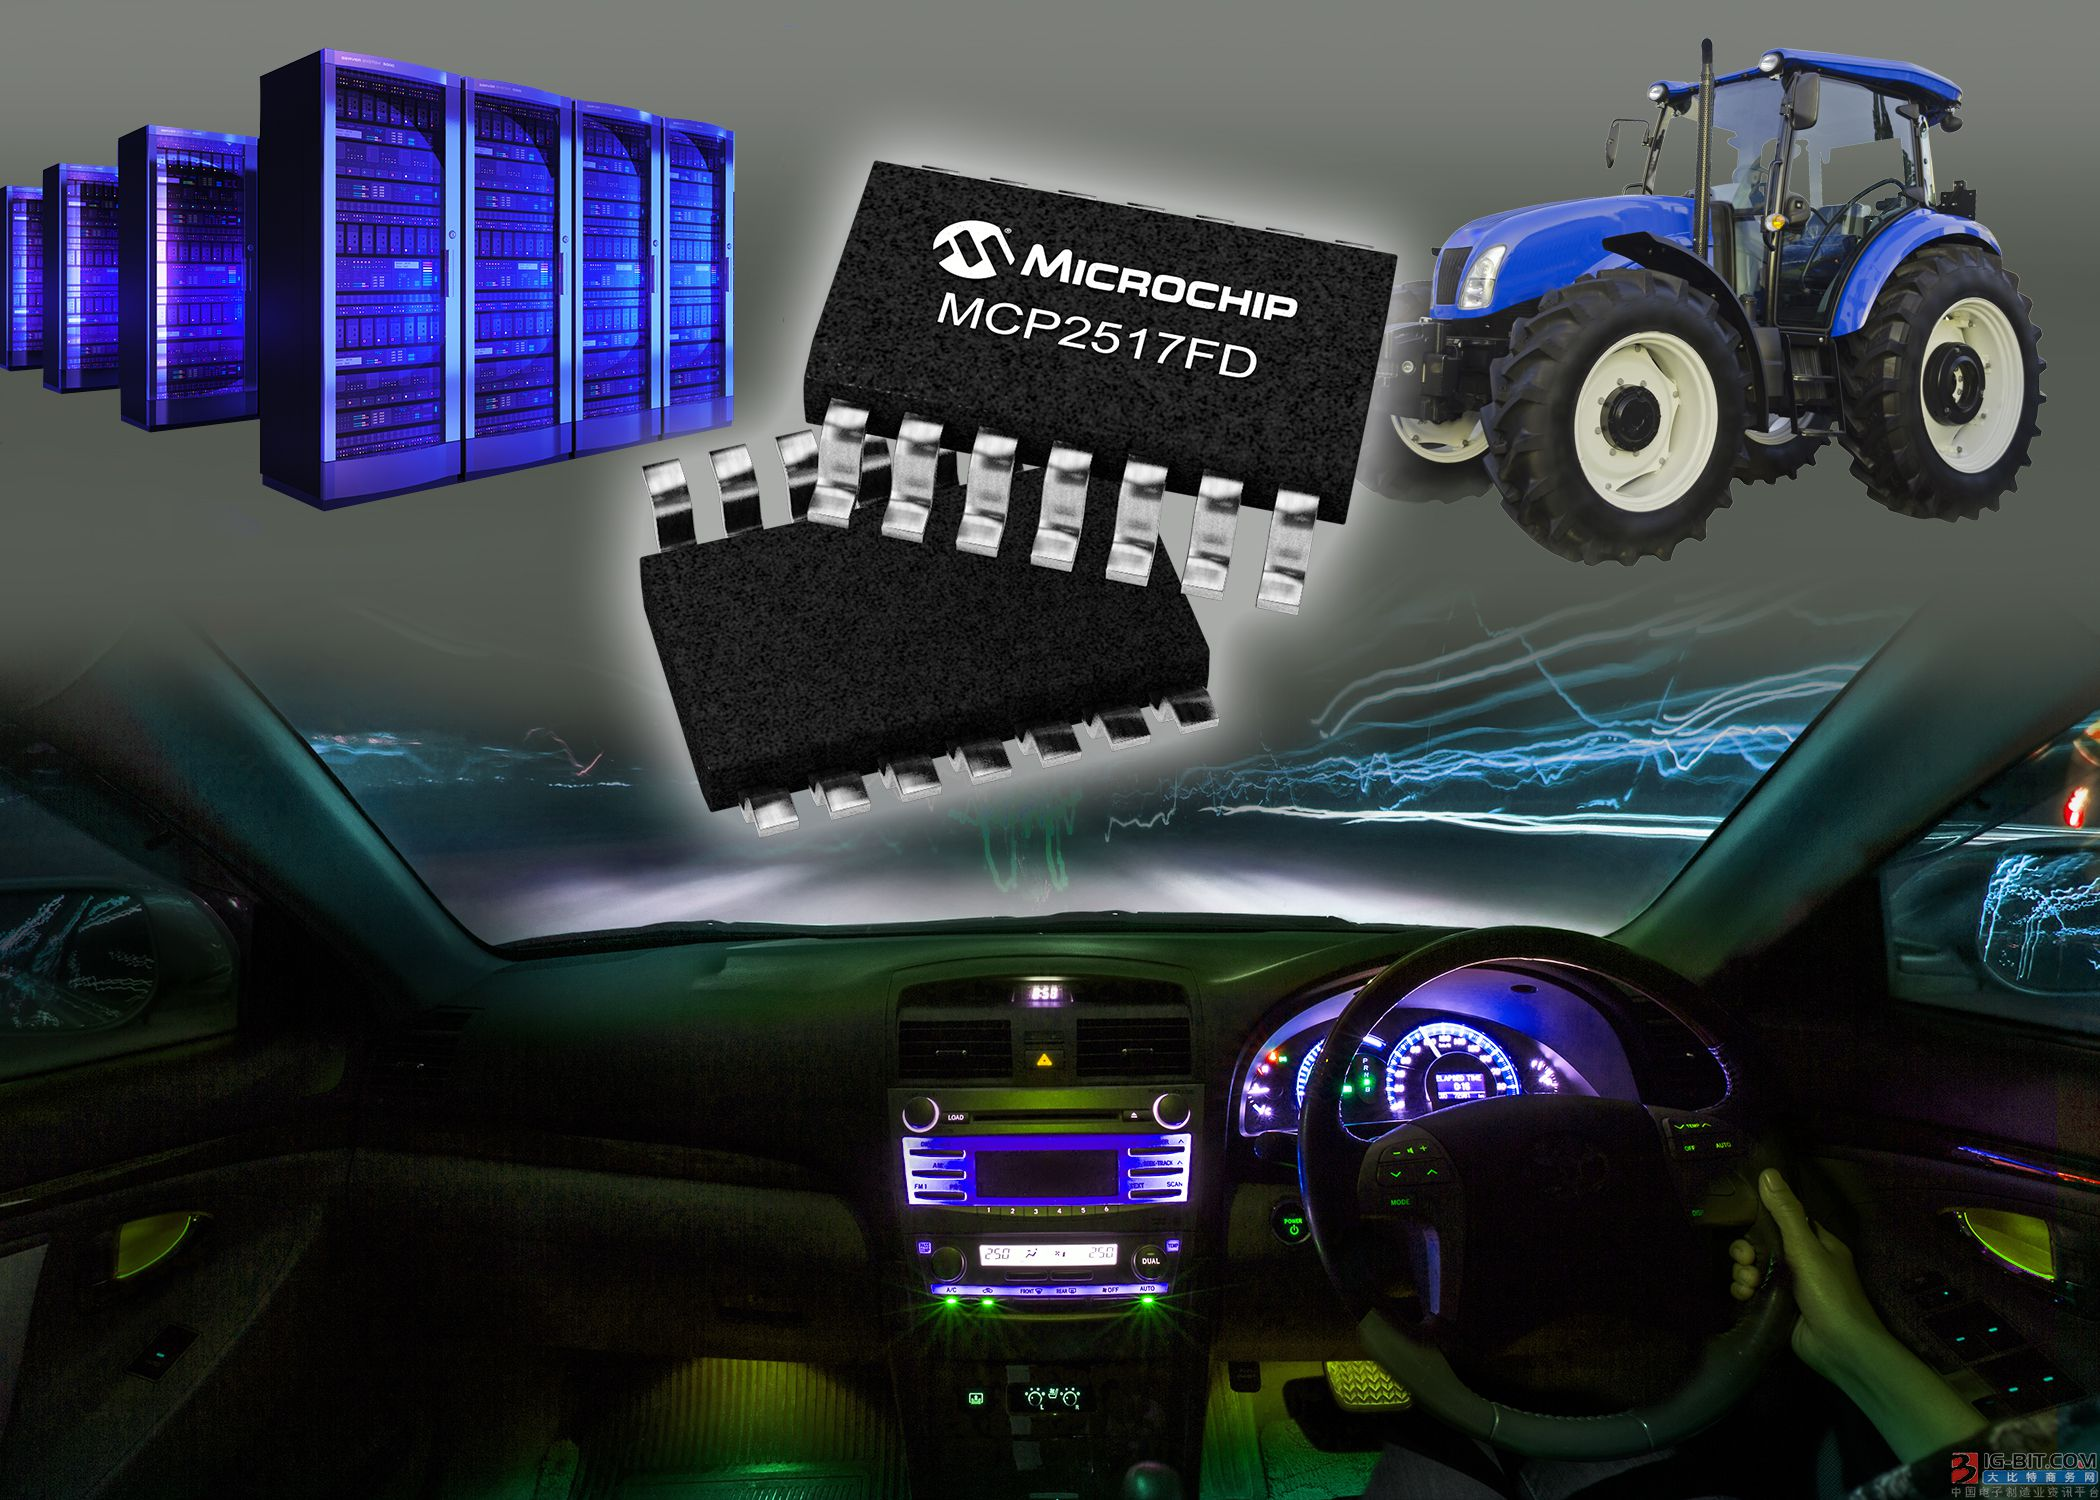 Microchip独特的外部CAN FD控制器支持在现有和新设计中实现灵活的CAN数据速率(CAN FD)